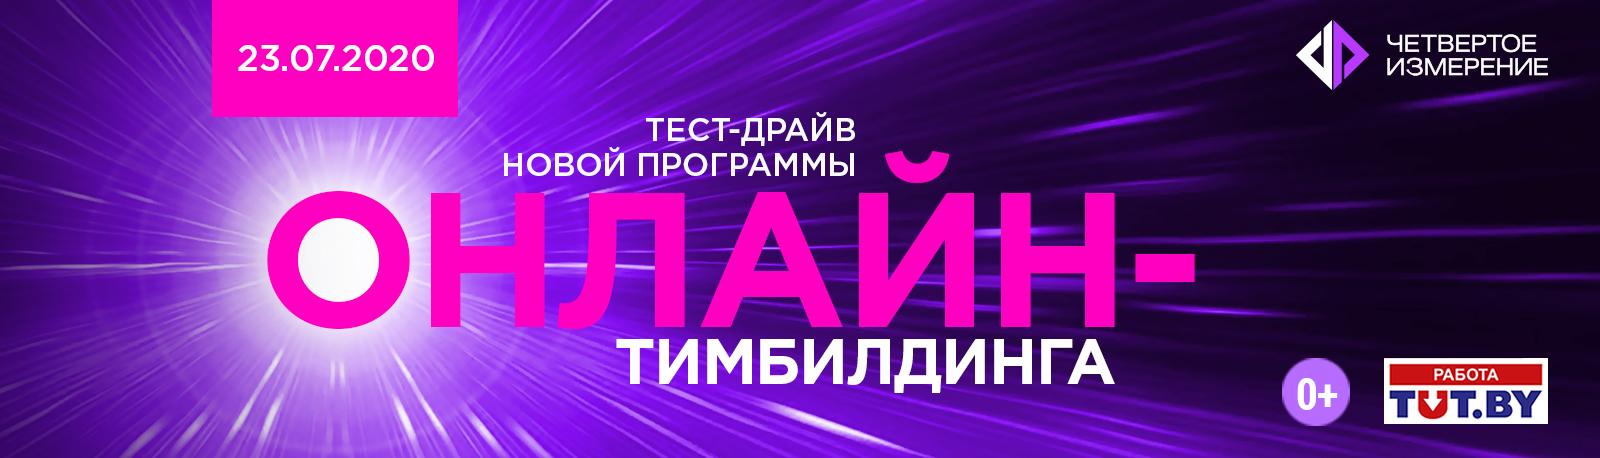 """Открыта запись на тест-драйв онлайн-тимбилдинга """"ТВОЯ ИГРА"""""""